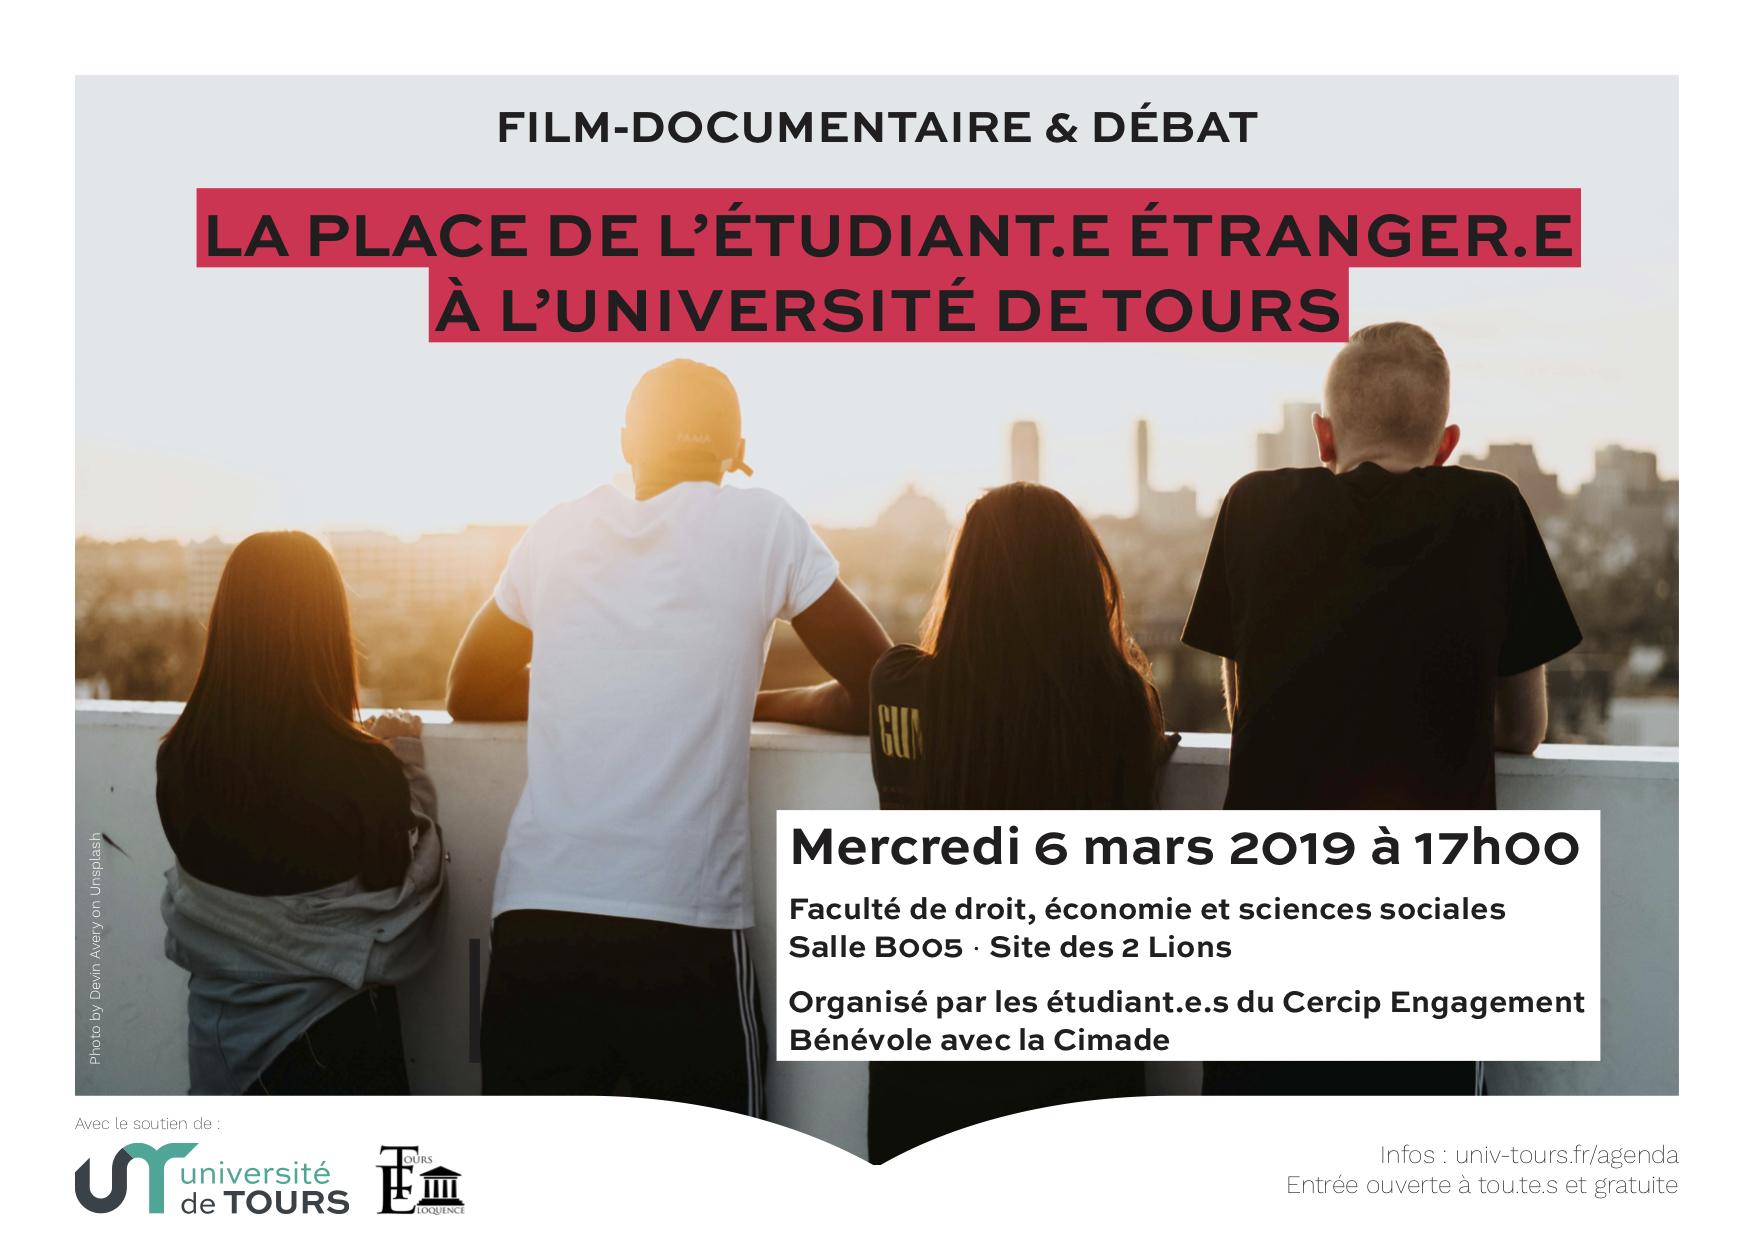 Affiche du film documentaire la place de l'étudiant étranger à l'université de Tours